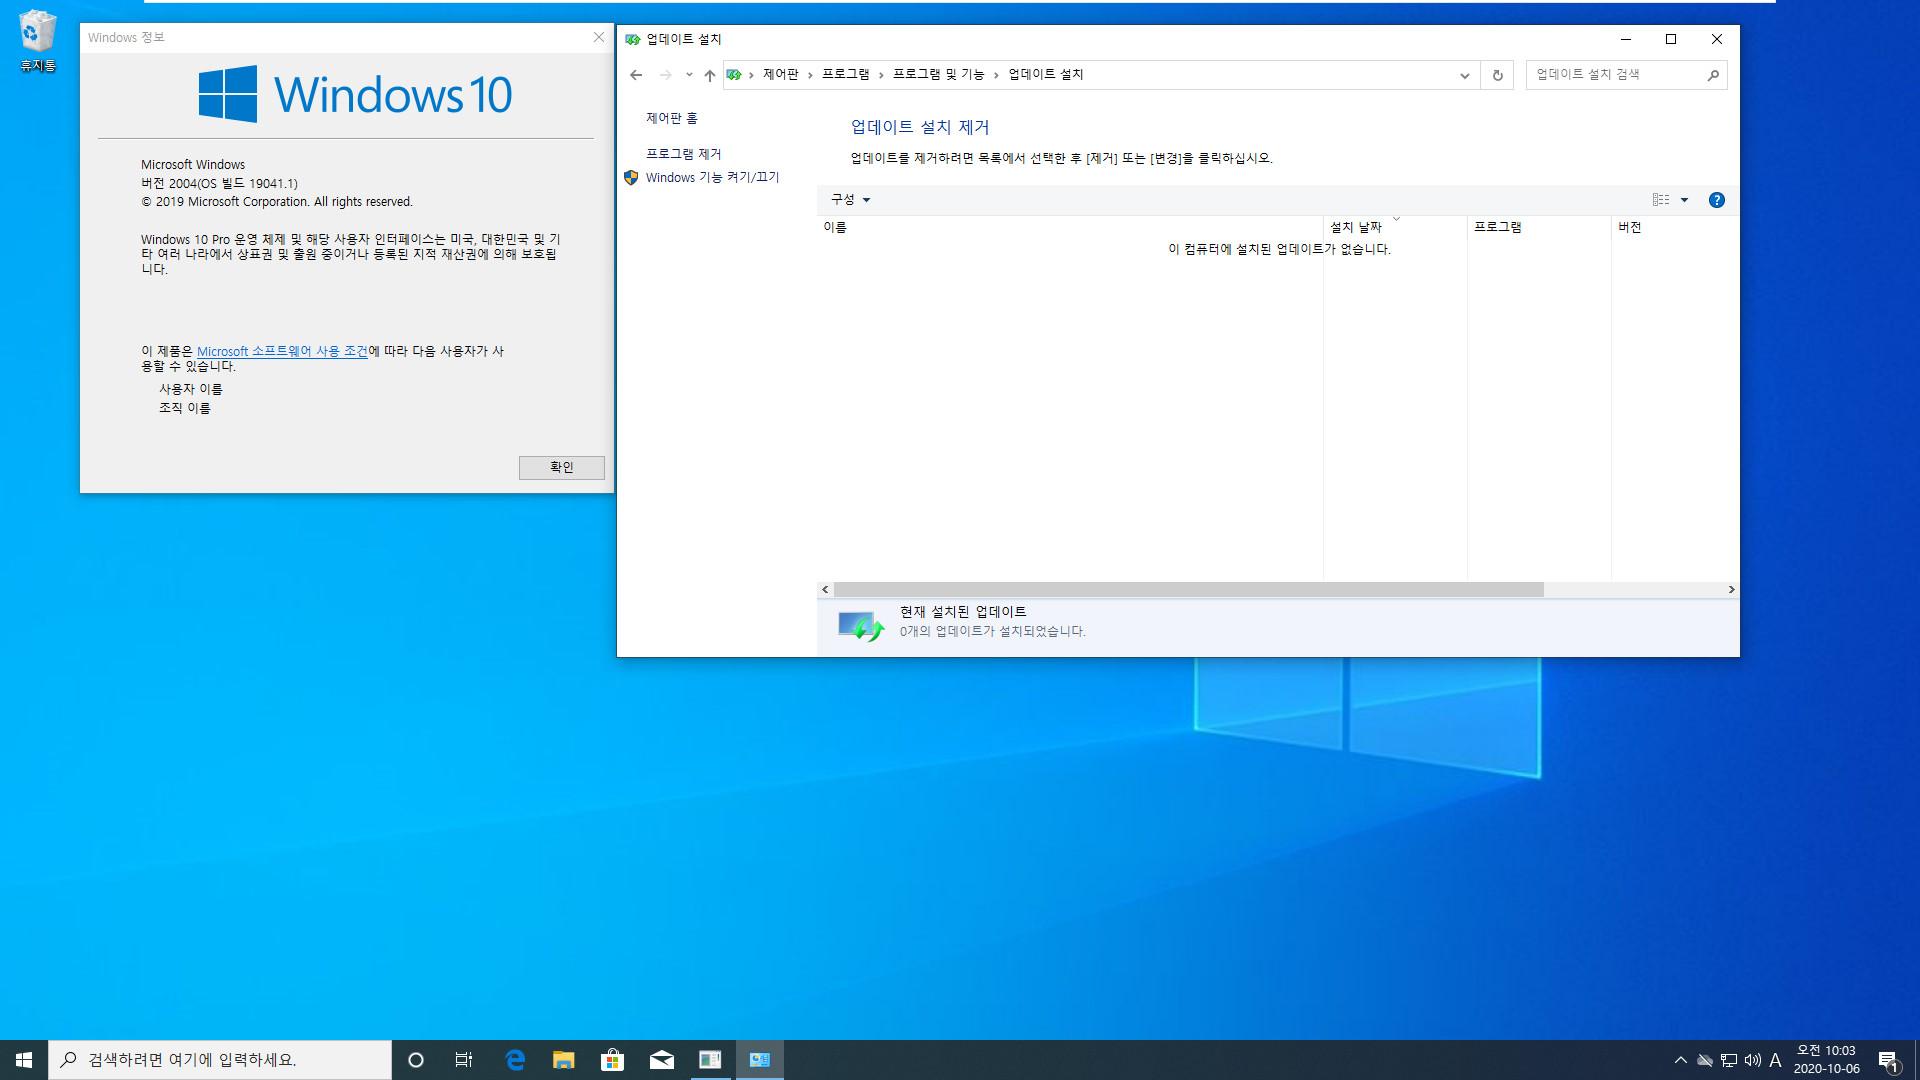 버전 2004 (20H1)에서 버전 2009 (20H2) 업그레이드하기 - 누적 업데이트와 서비스 스택이 설치되어 있지 않은 경우, 오류없이 한번에 업그레이드 설치하기 2020-10-06_100340.jpg